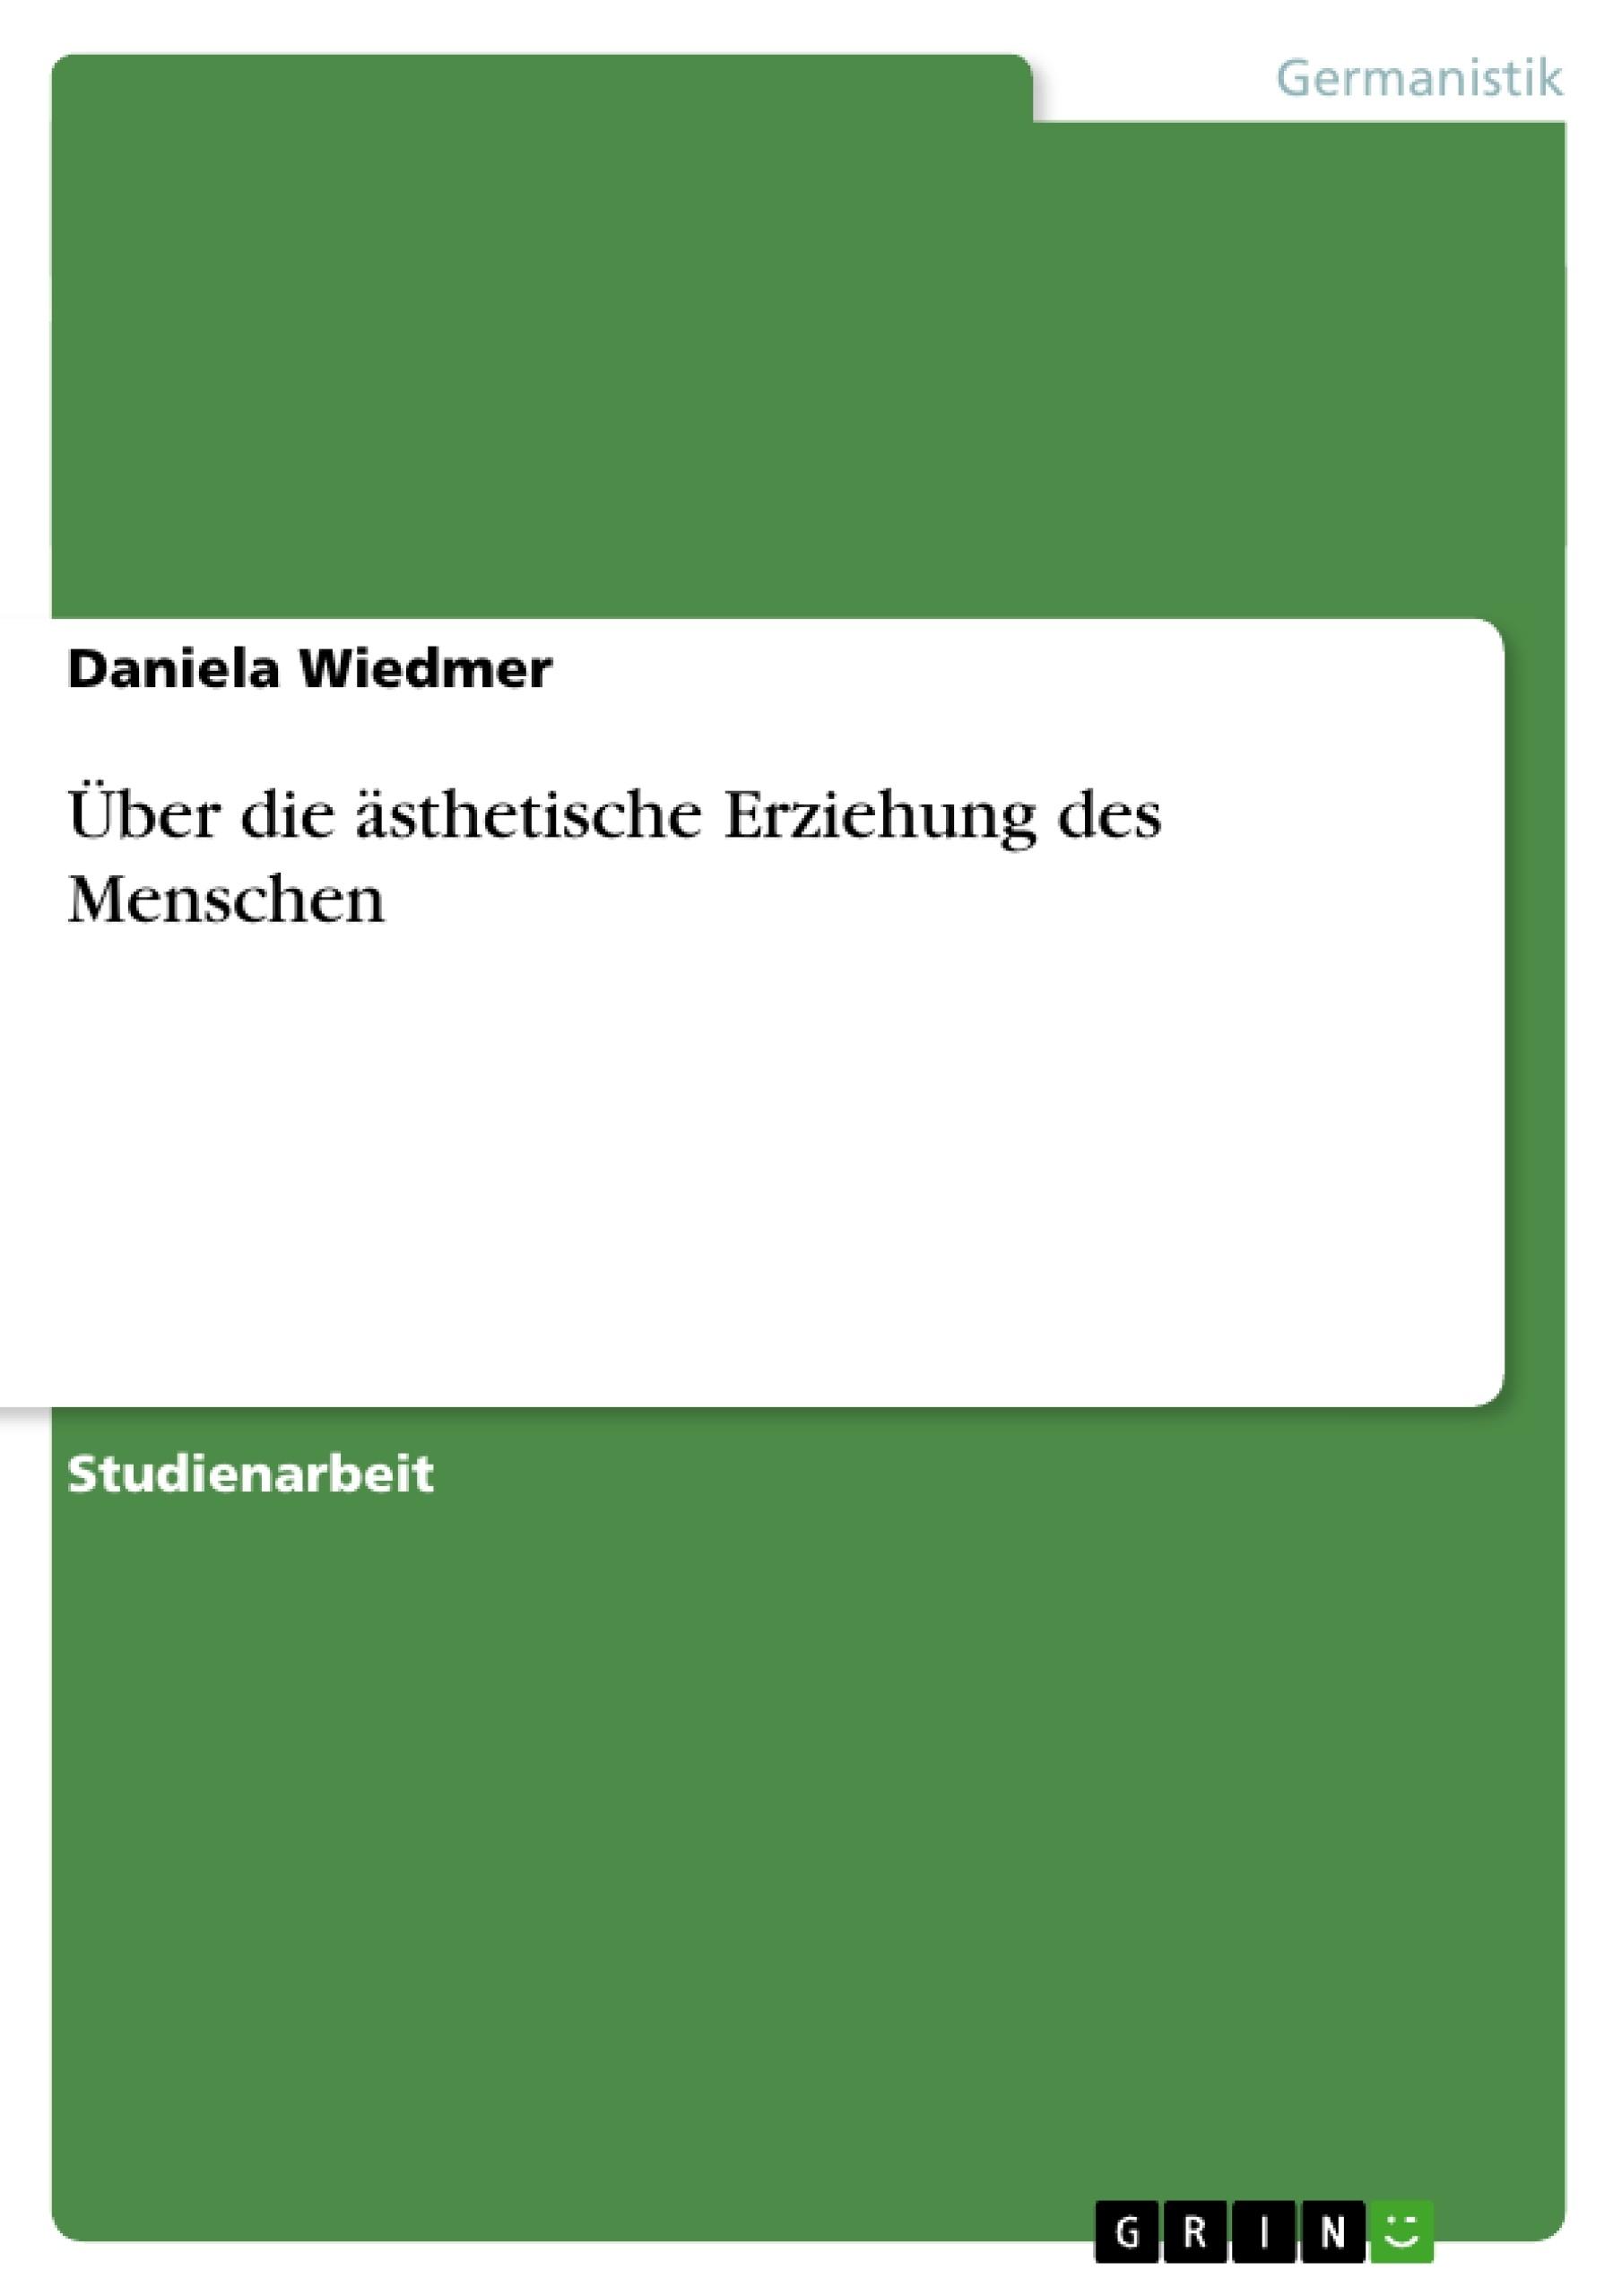 Titel: Über die ästhetische Erziehung des Menschen